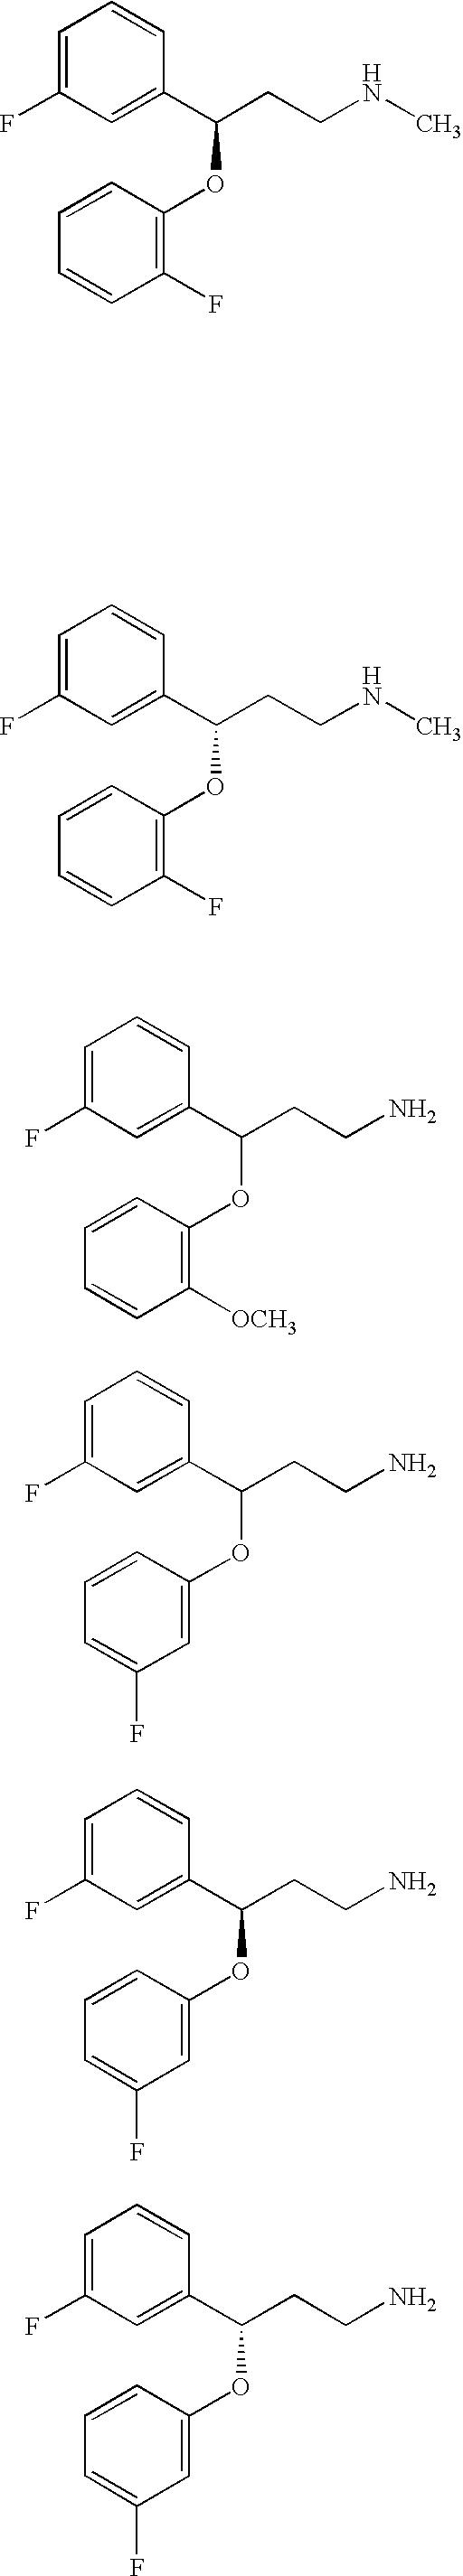 Figure US20050282859A1-20051222-C00035